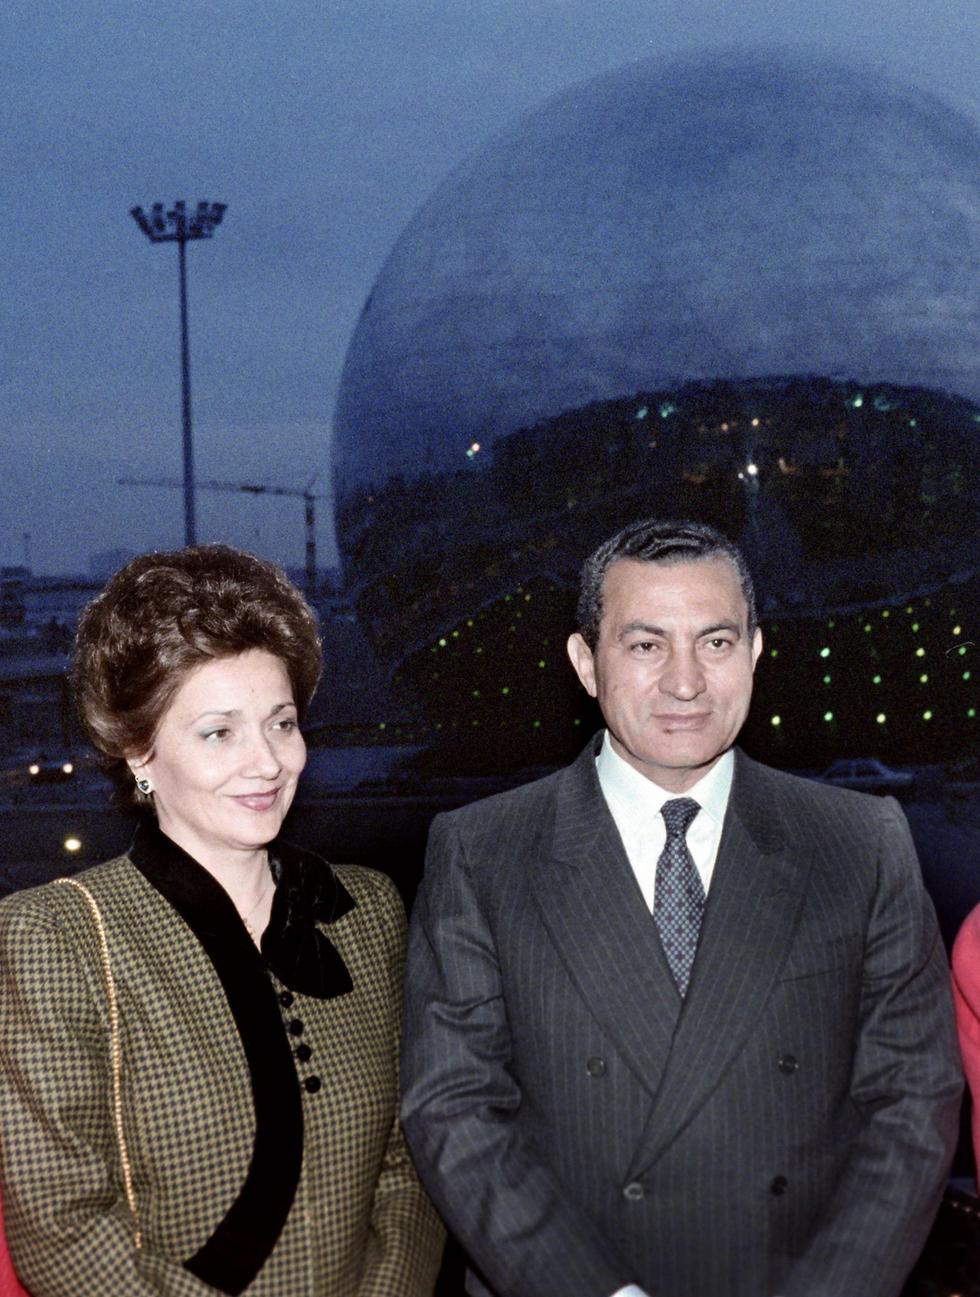 מצרים חוסני מובארק ורעייתו סוזן ביקור ב צרפת 1986 (צילום: AFP)